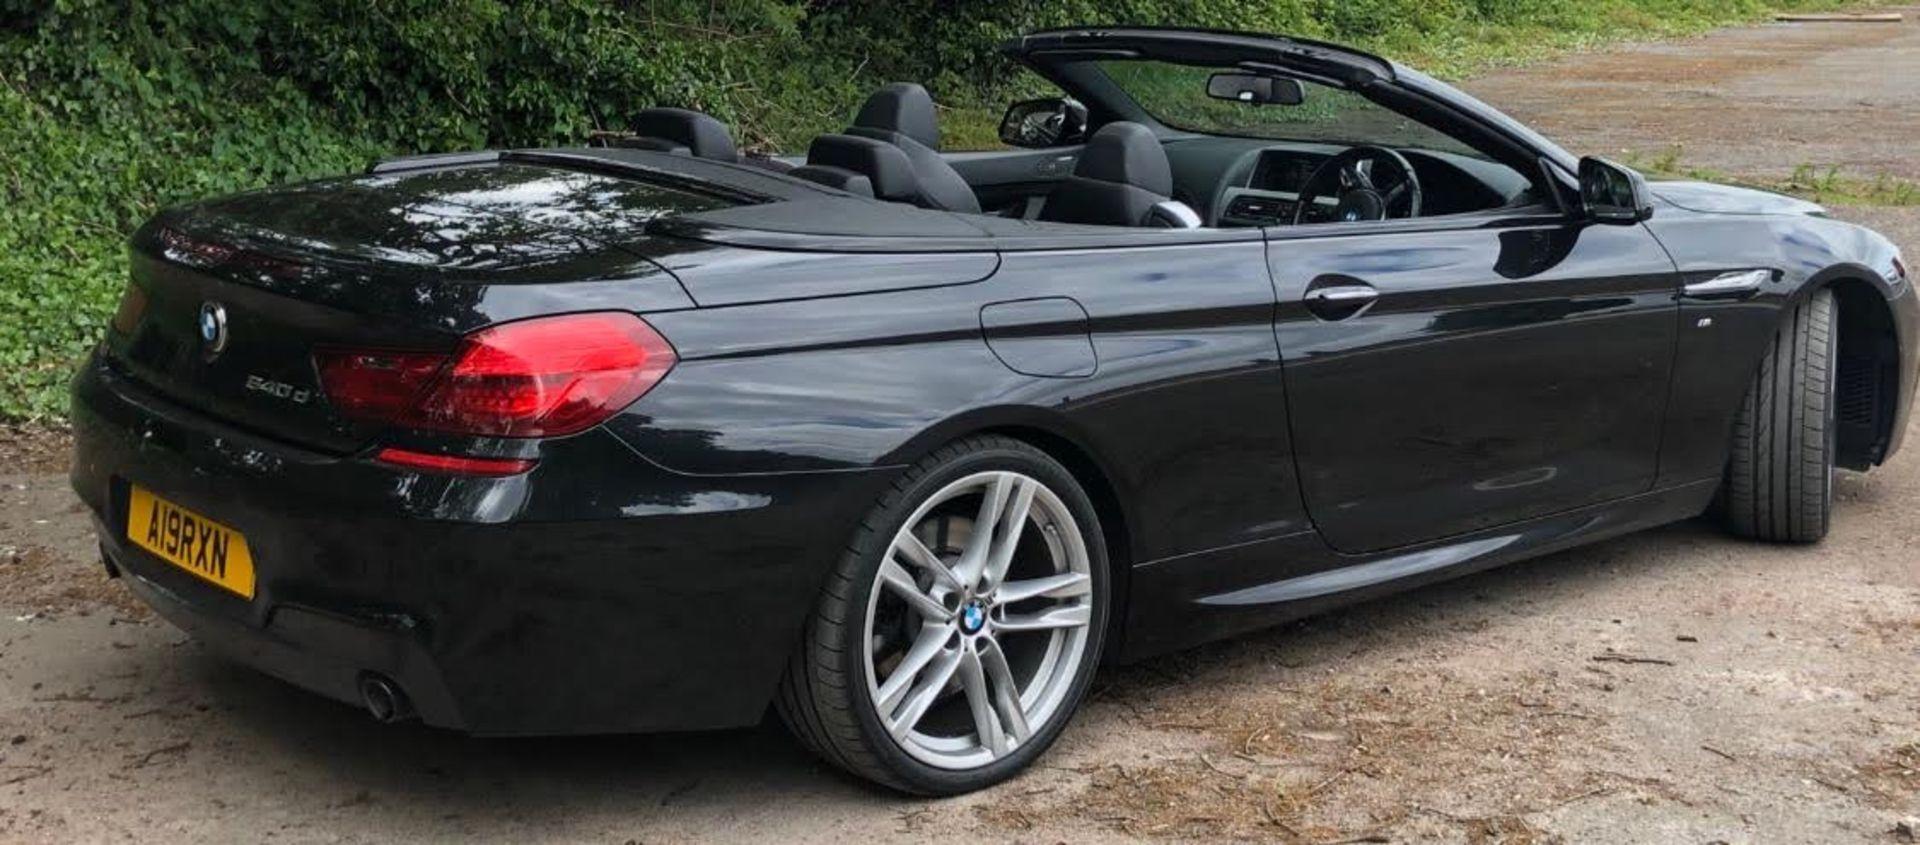 2014/14 REG BMW 640D M SPORT AUTOMATIC 3.0 DIESEL BLACK CONVERTIBLE *NO VAT* - Image 6 of 17